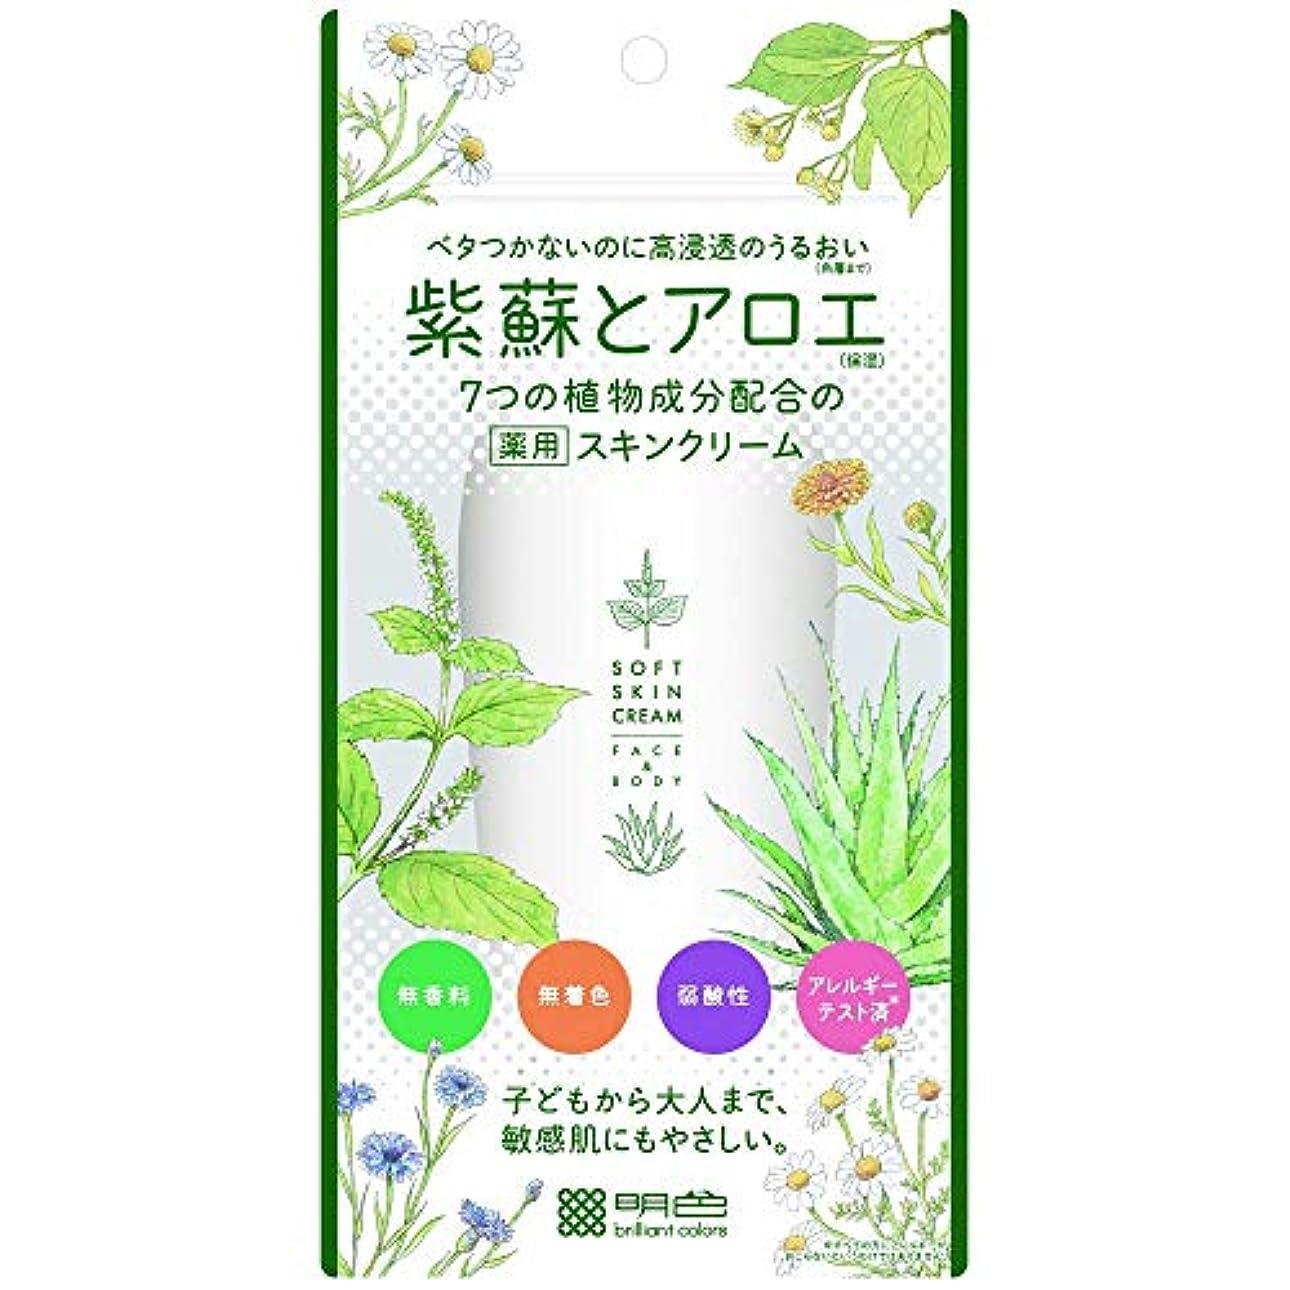 工業用最愛のオーナー【6個セット】紫蘇とアロエ 薬用スキンクリーム 190g